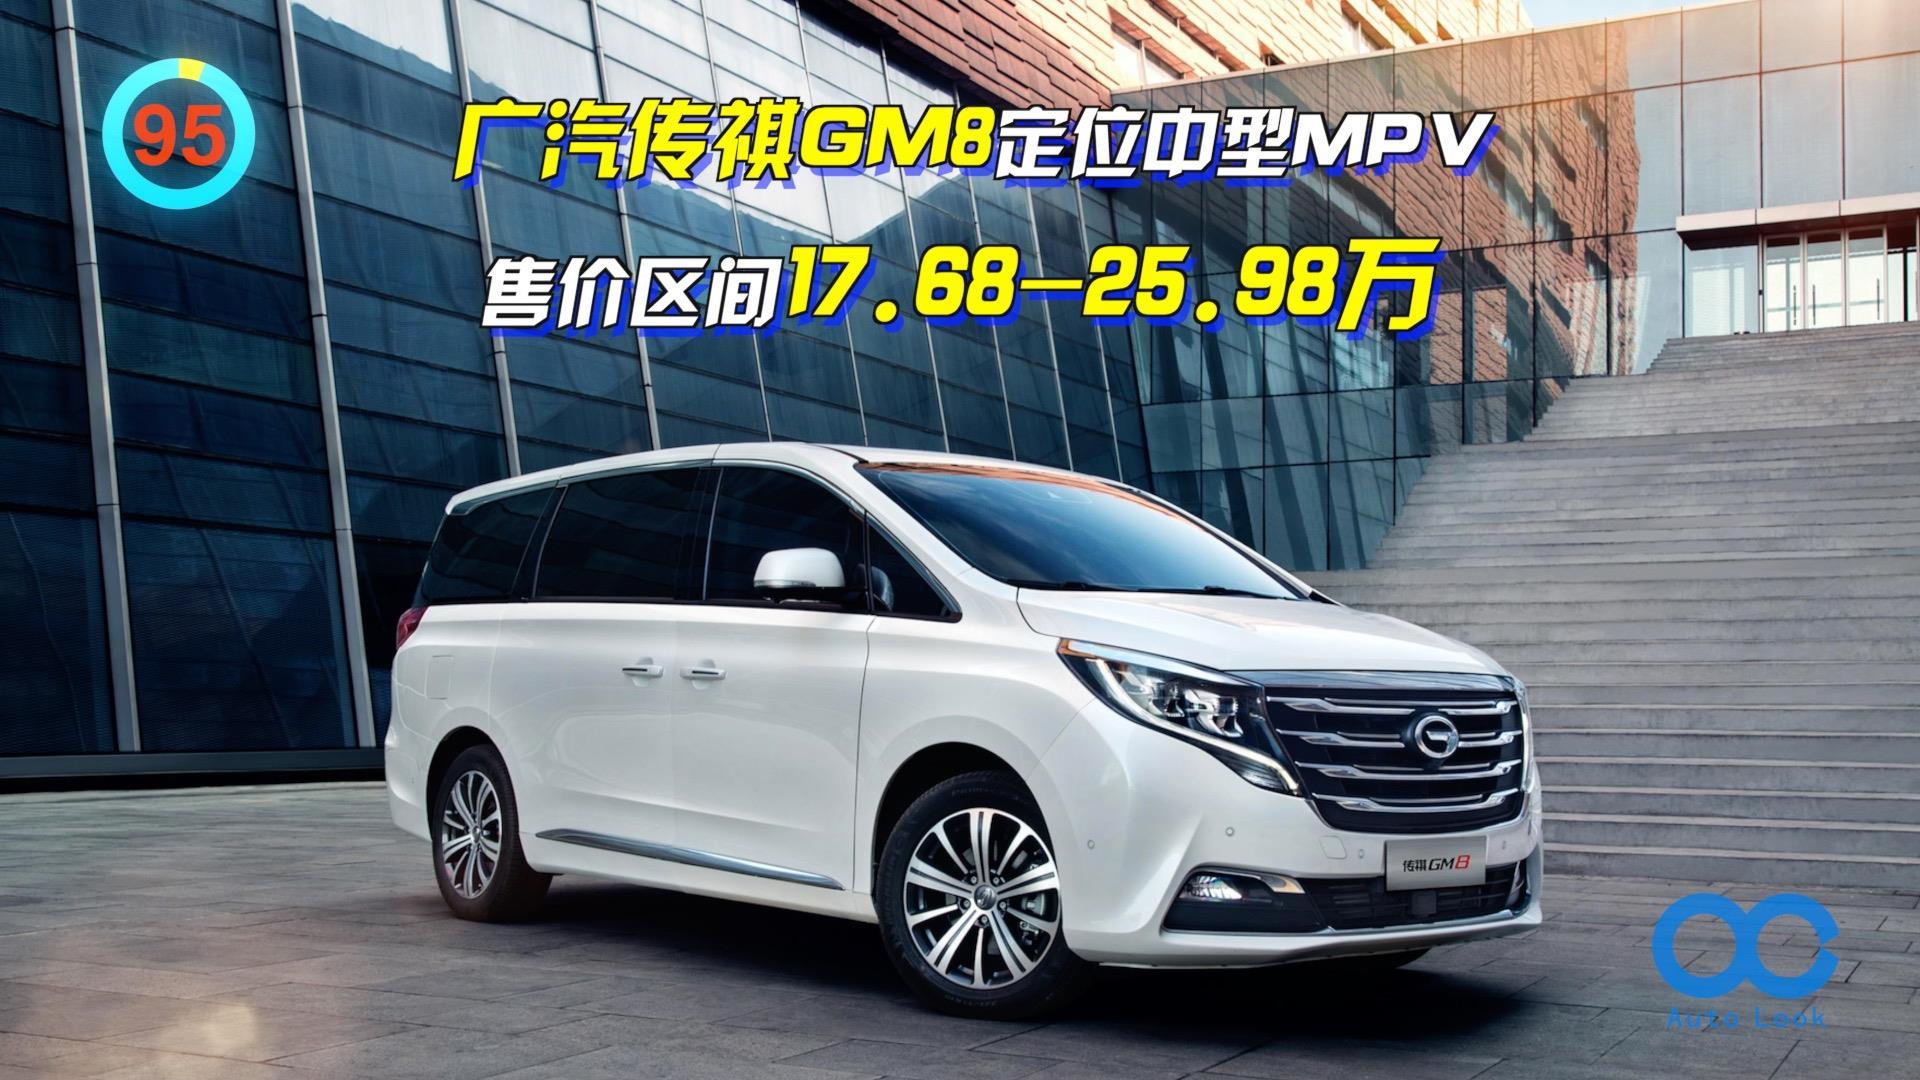 「百秒看车」广汽传祺GM8 前后排标配自动空调